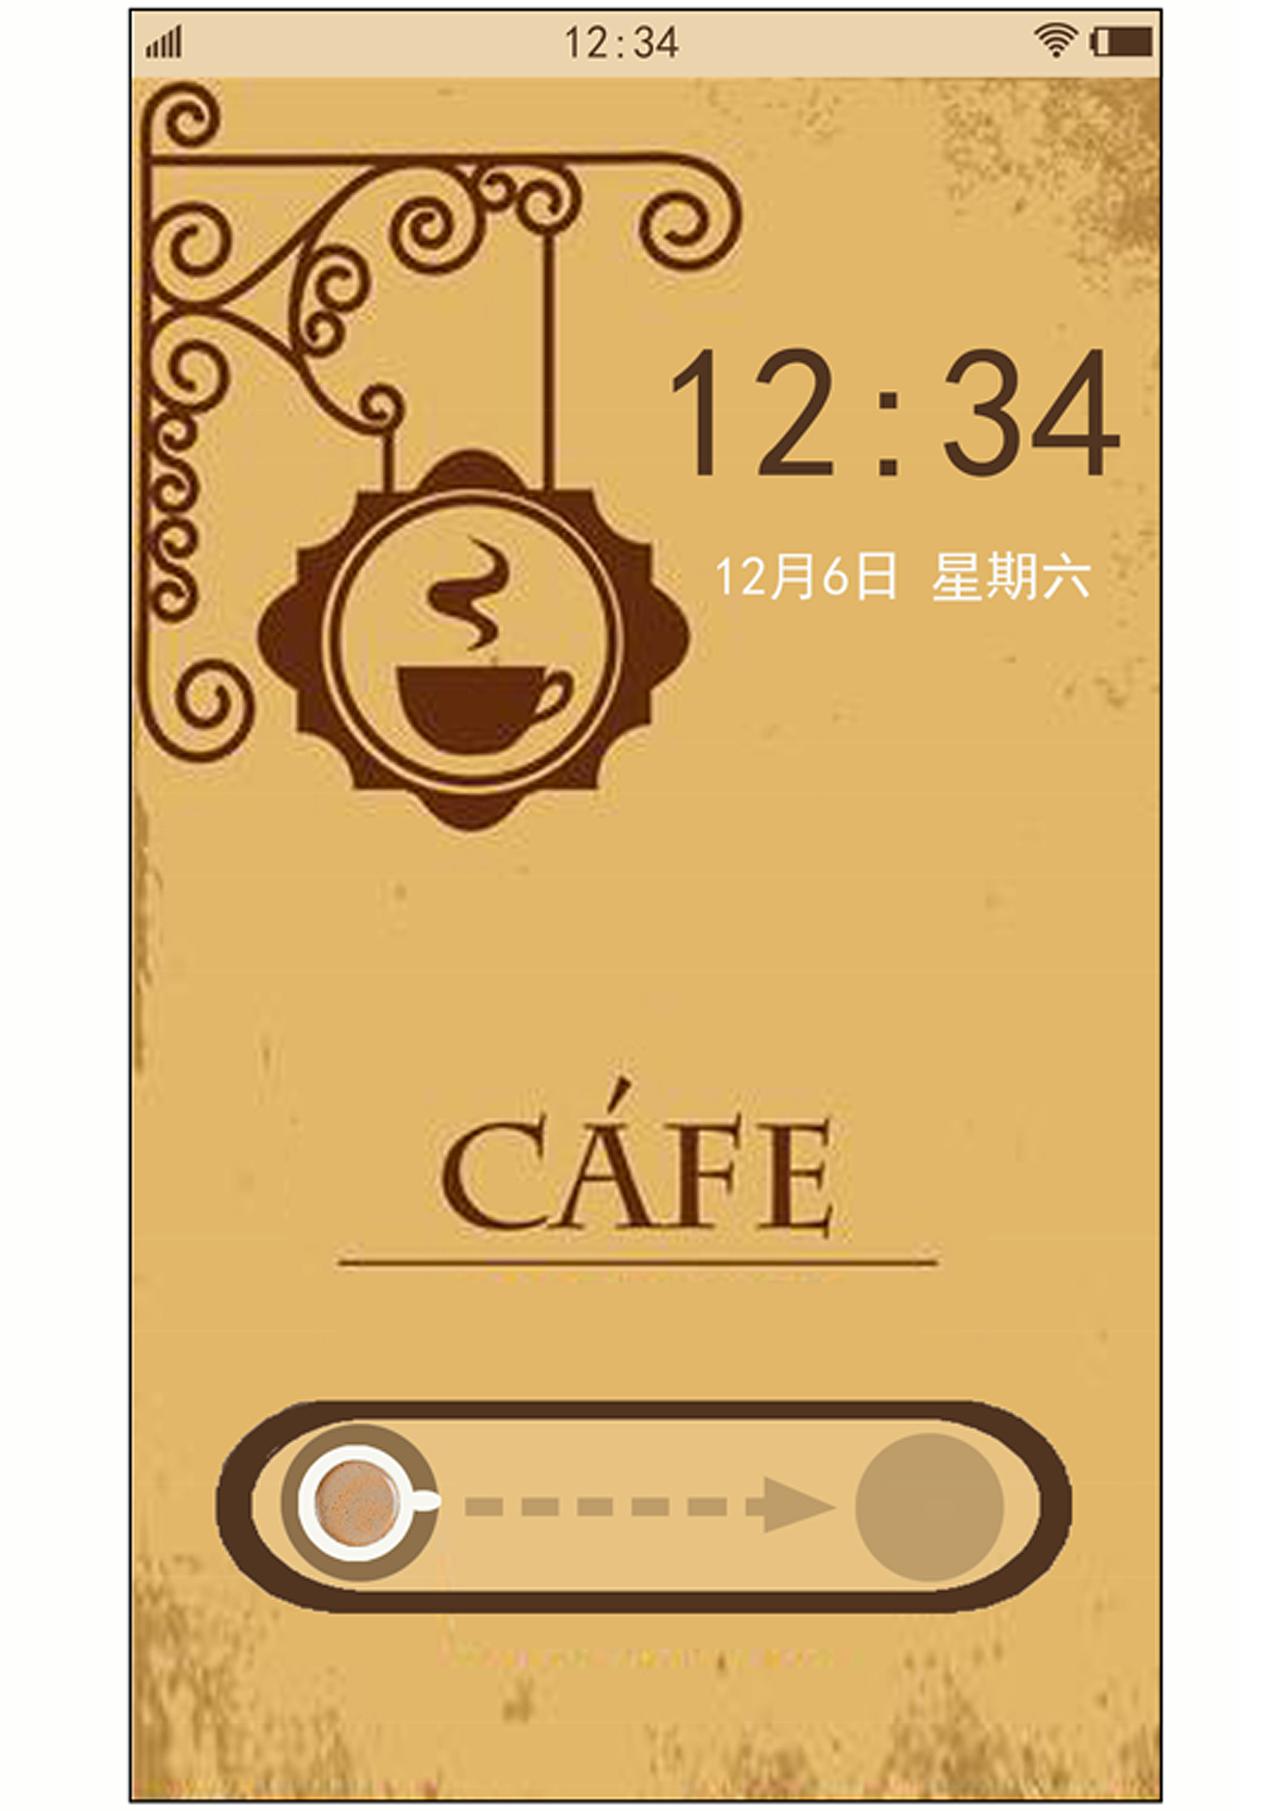 咖啡馆 手机主题